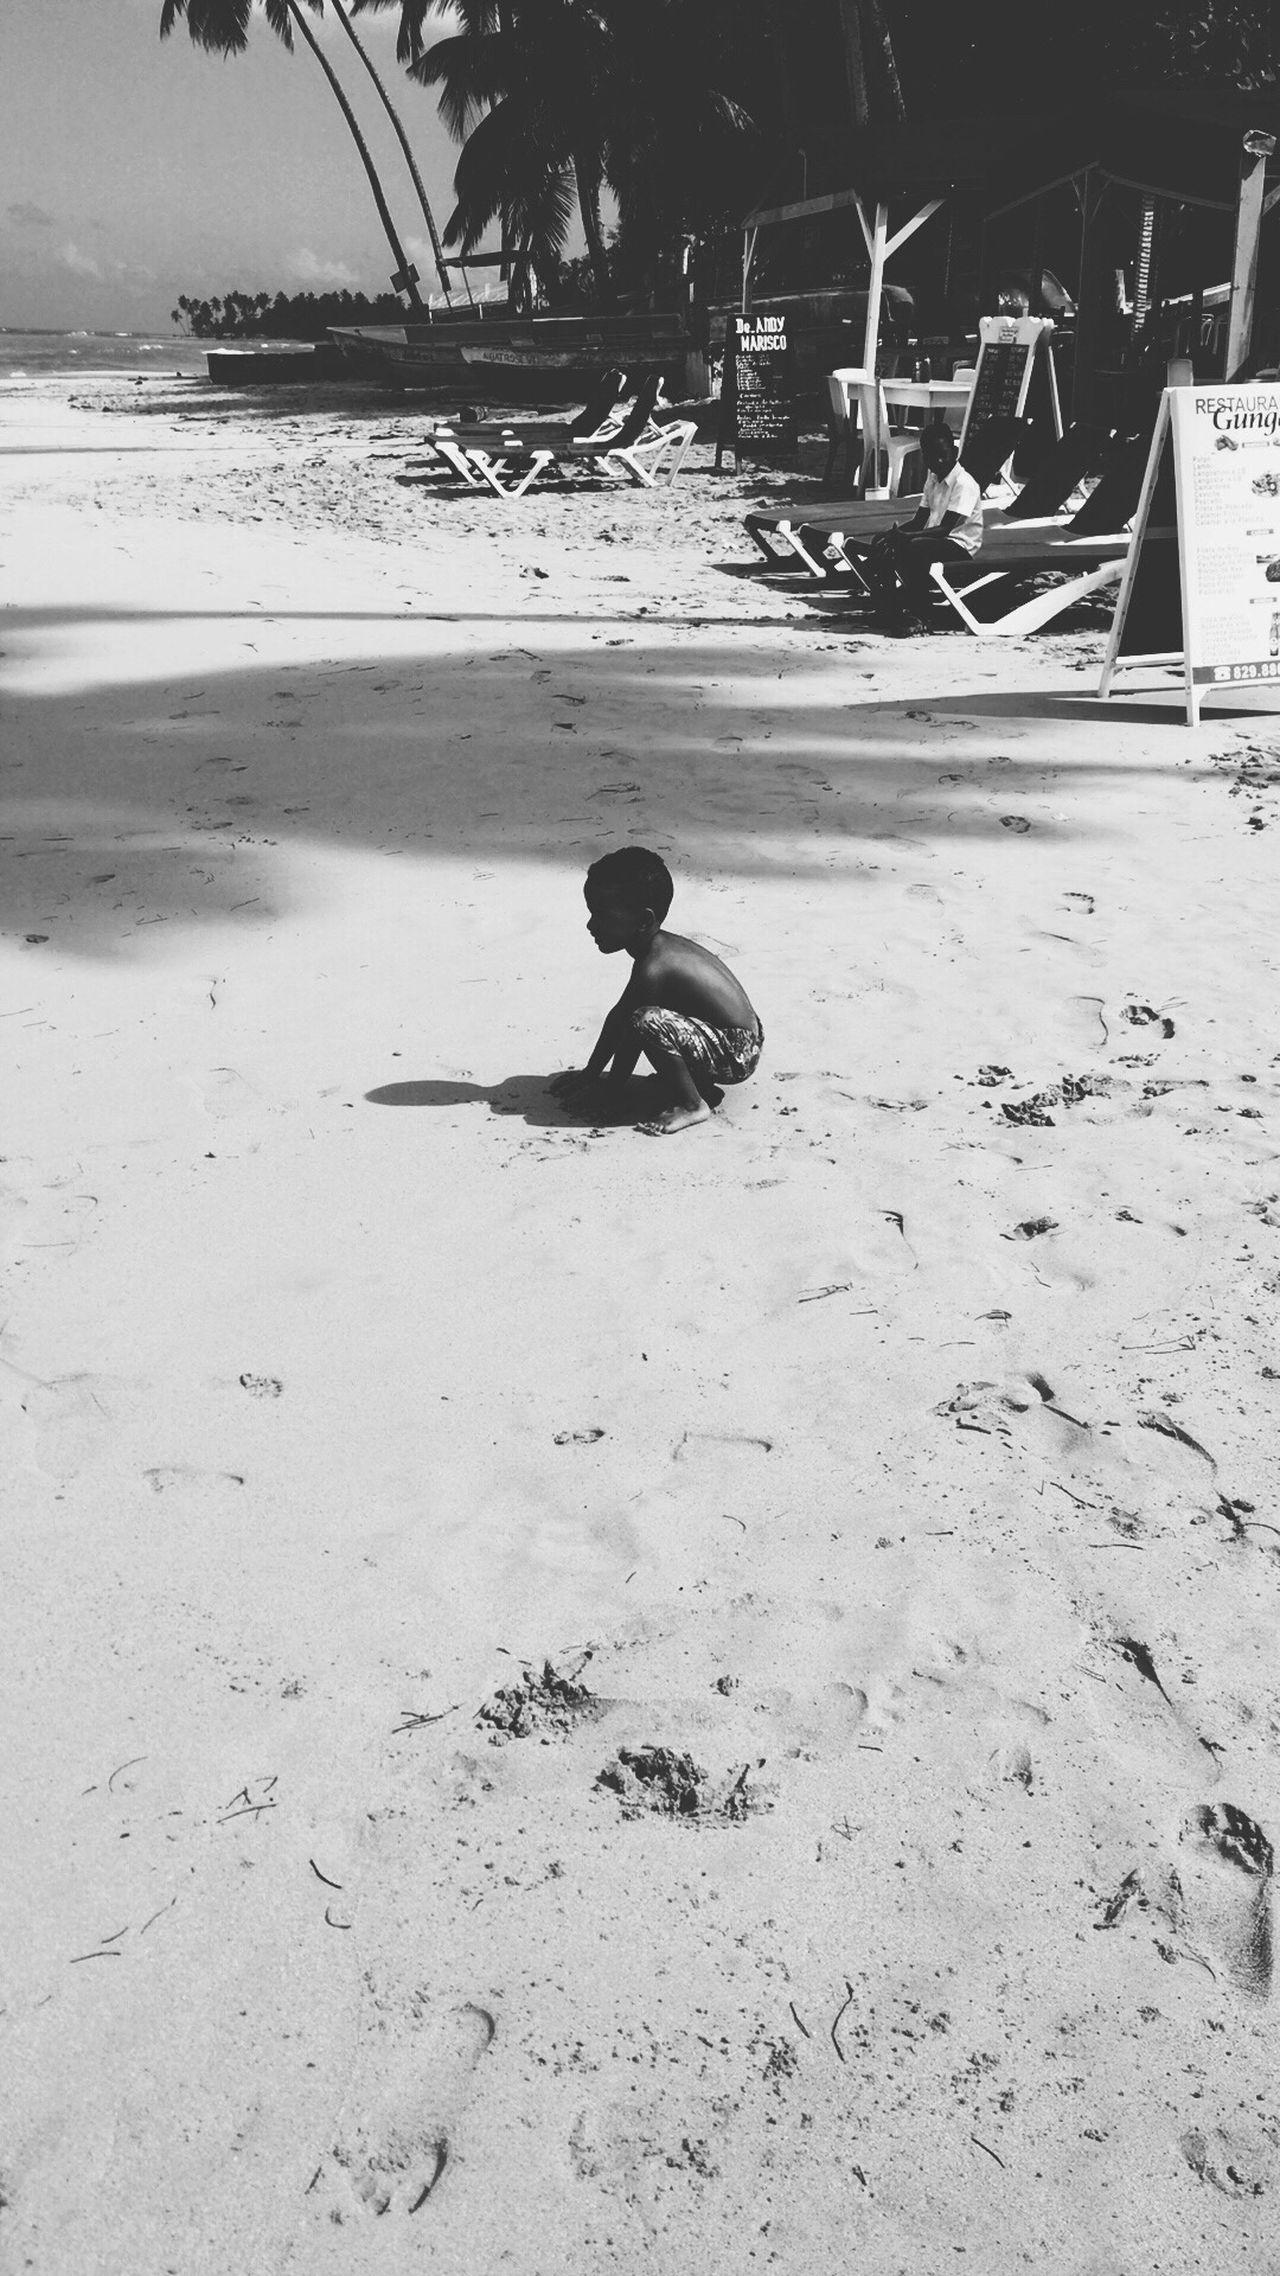 Kind Strand Schwarzweiß Junge Schatten Sand Meer Süss Klein Zufrieden Domenikanischerepublik Sweet Boy Happy Beachphotography Beach Ocean Fun First Eyeem Photo